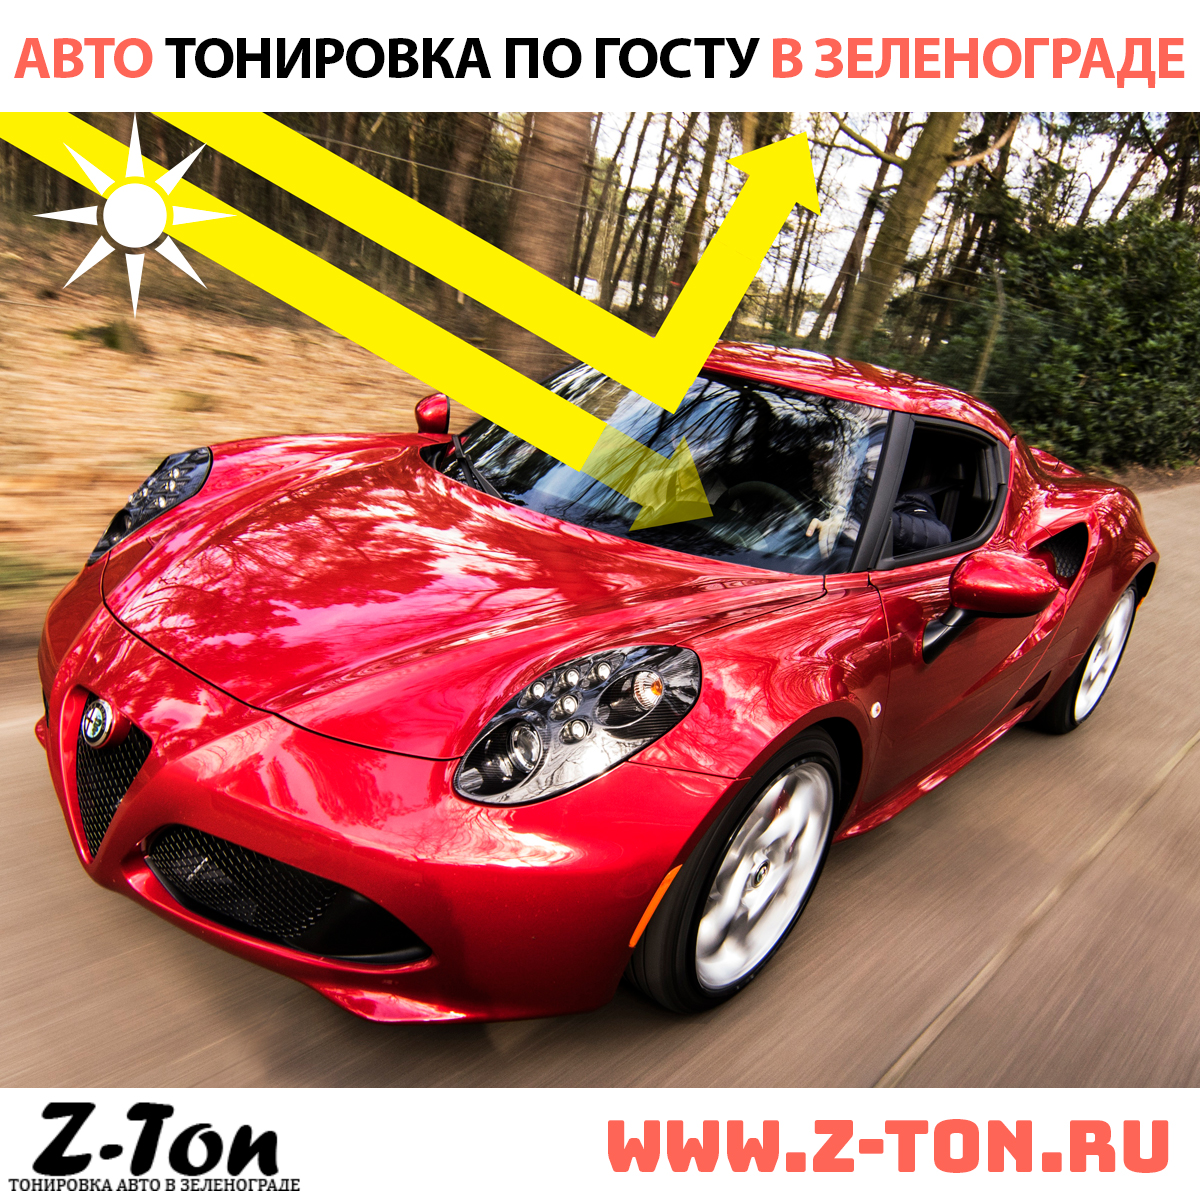 Авто тонировка по госту в Зеленограде (Андреевка, Крюково, Москва)